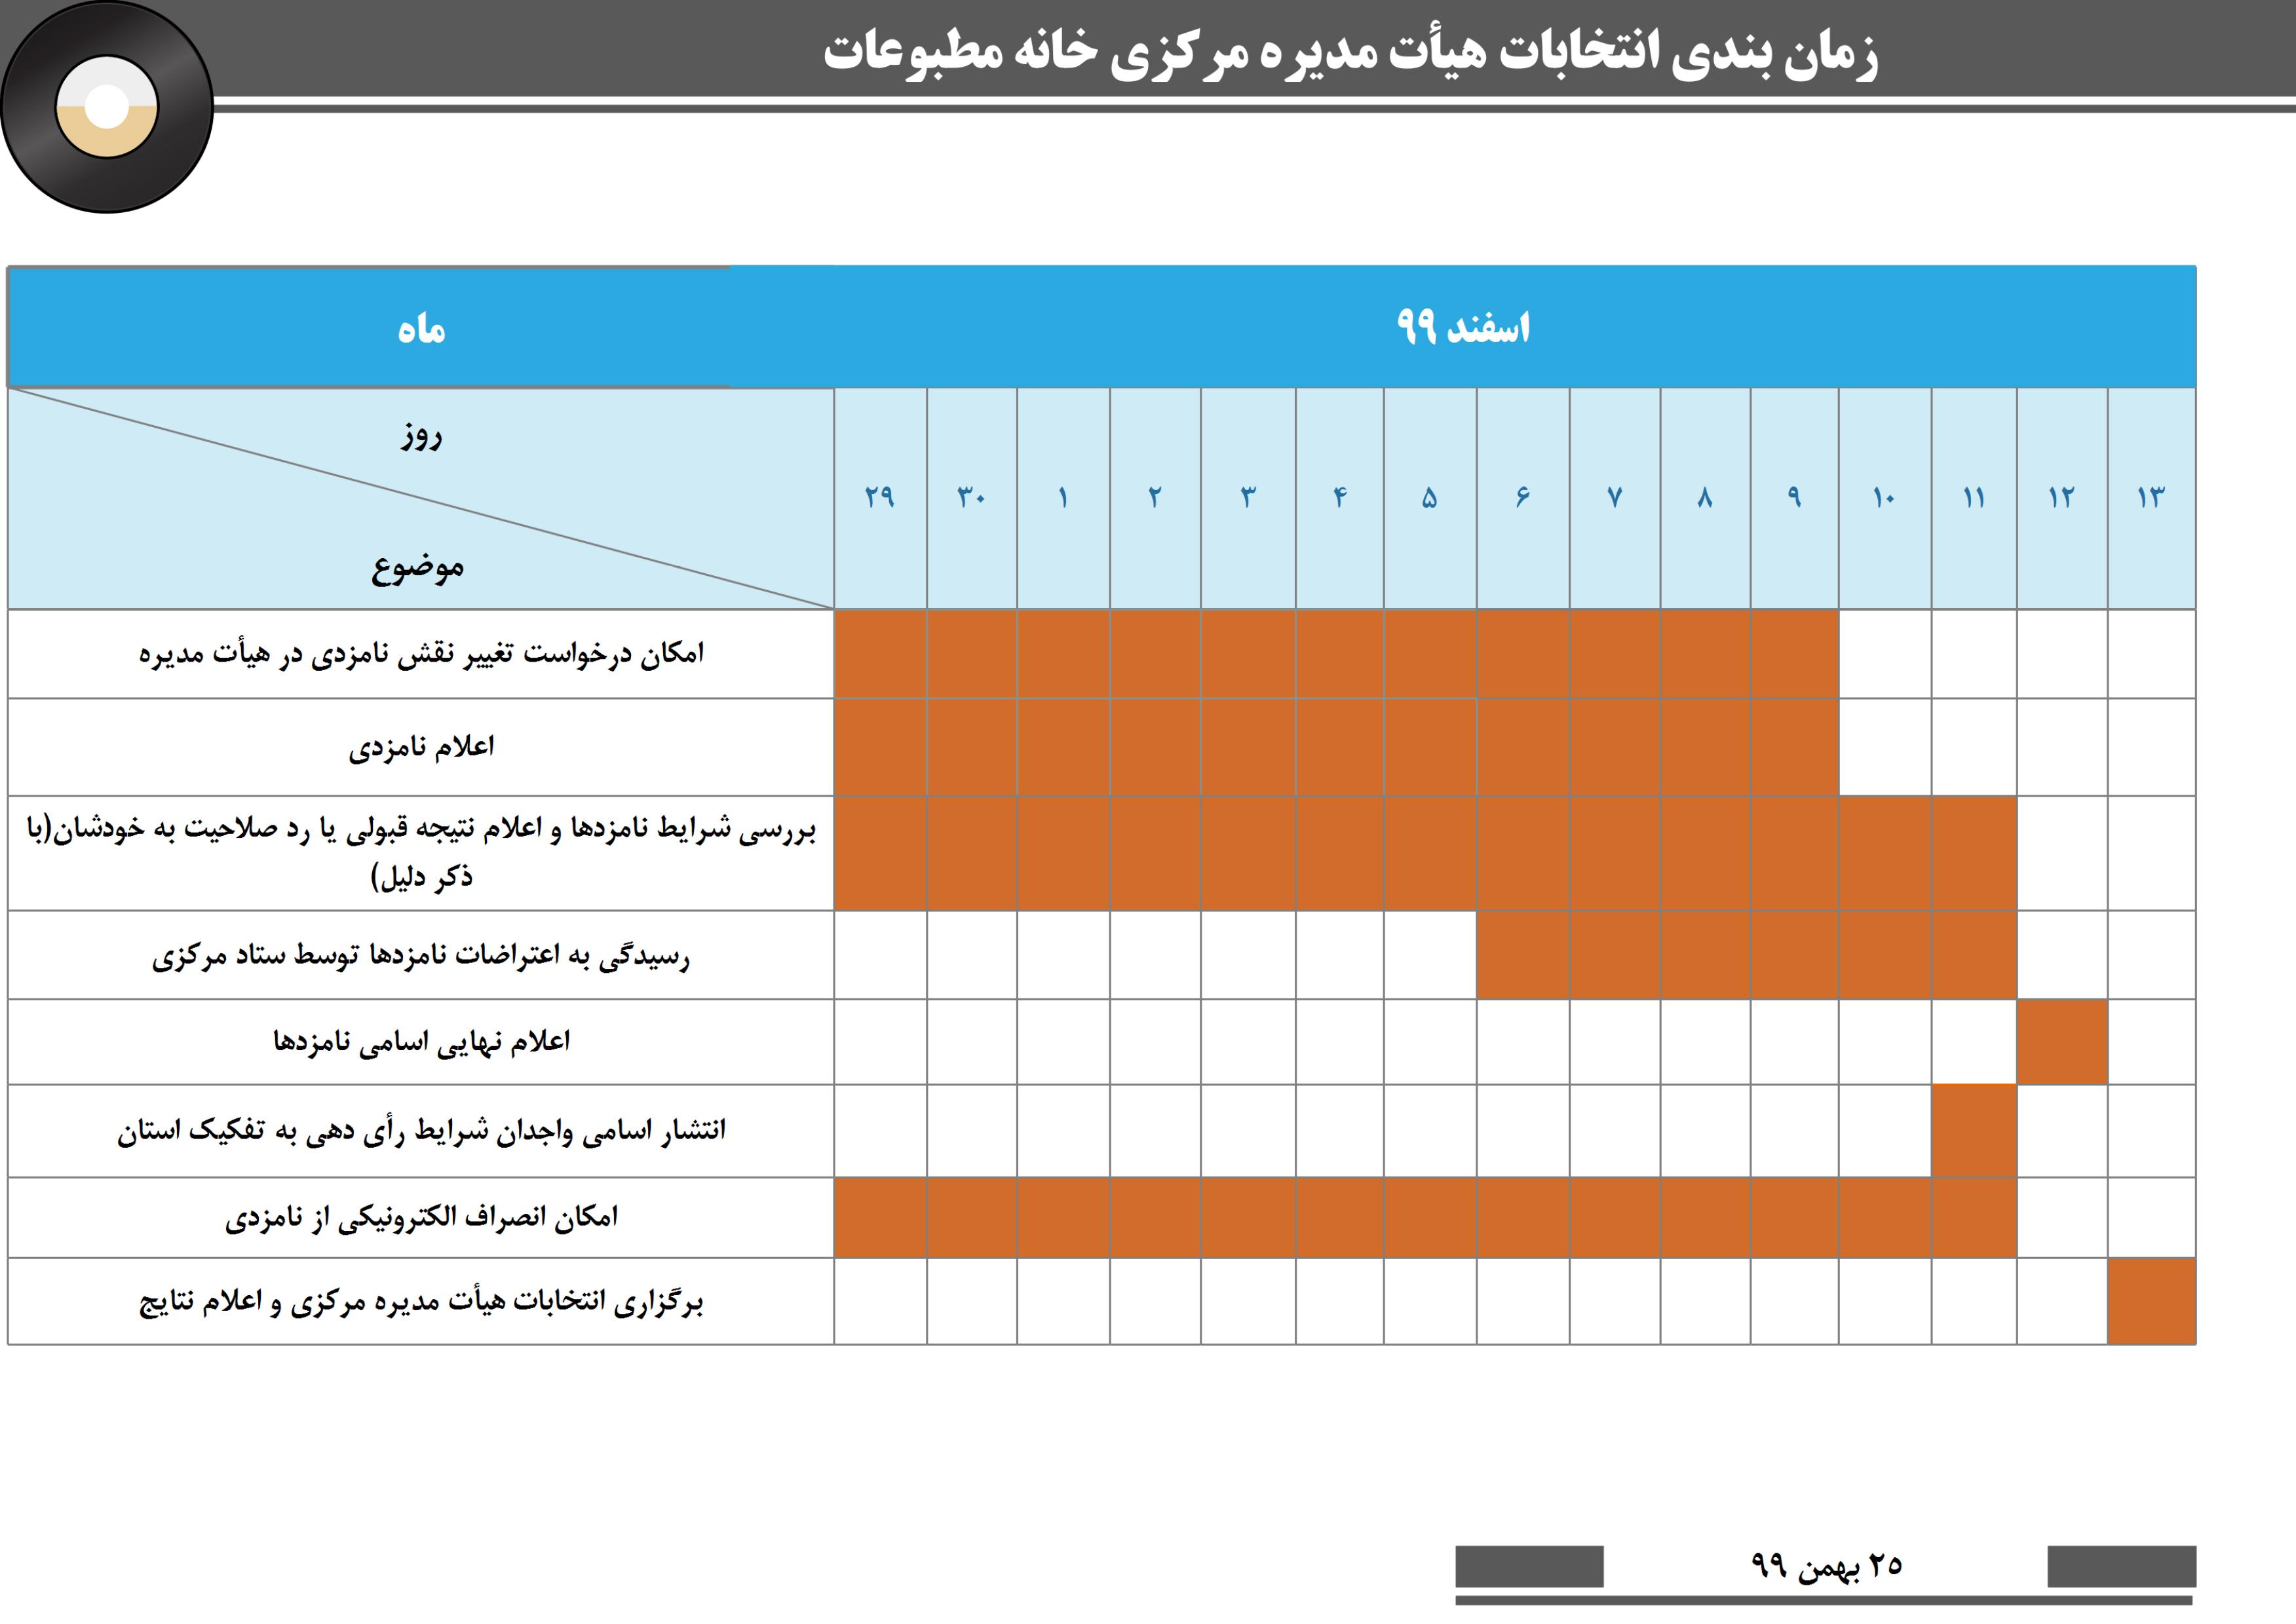 جدول زمانبندی انتخابات هیات مدیره خانه مطبوعات و رسانه های کشور در 13 اسفند